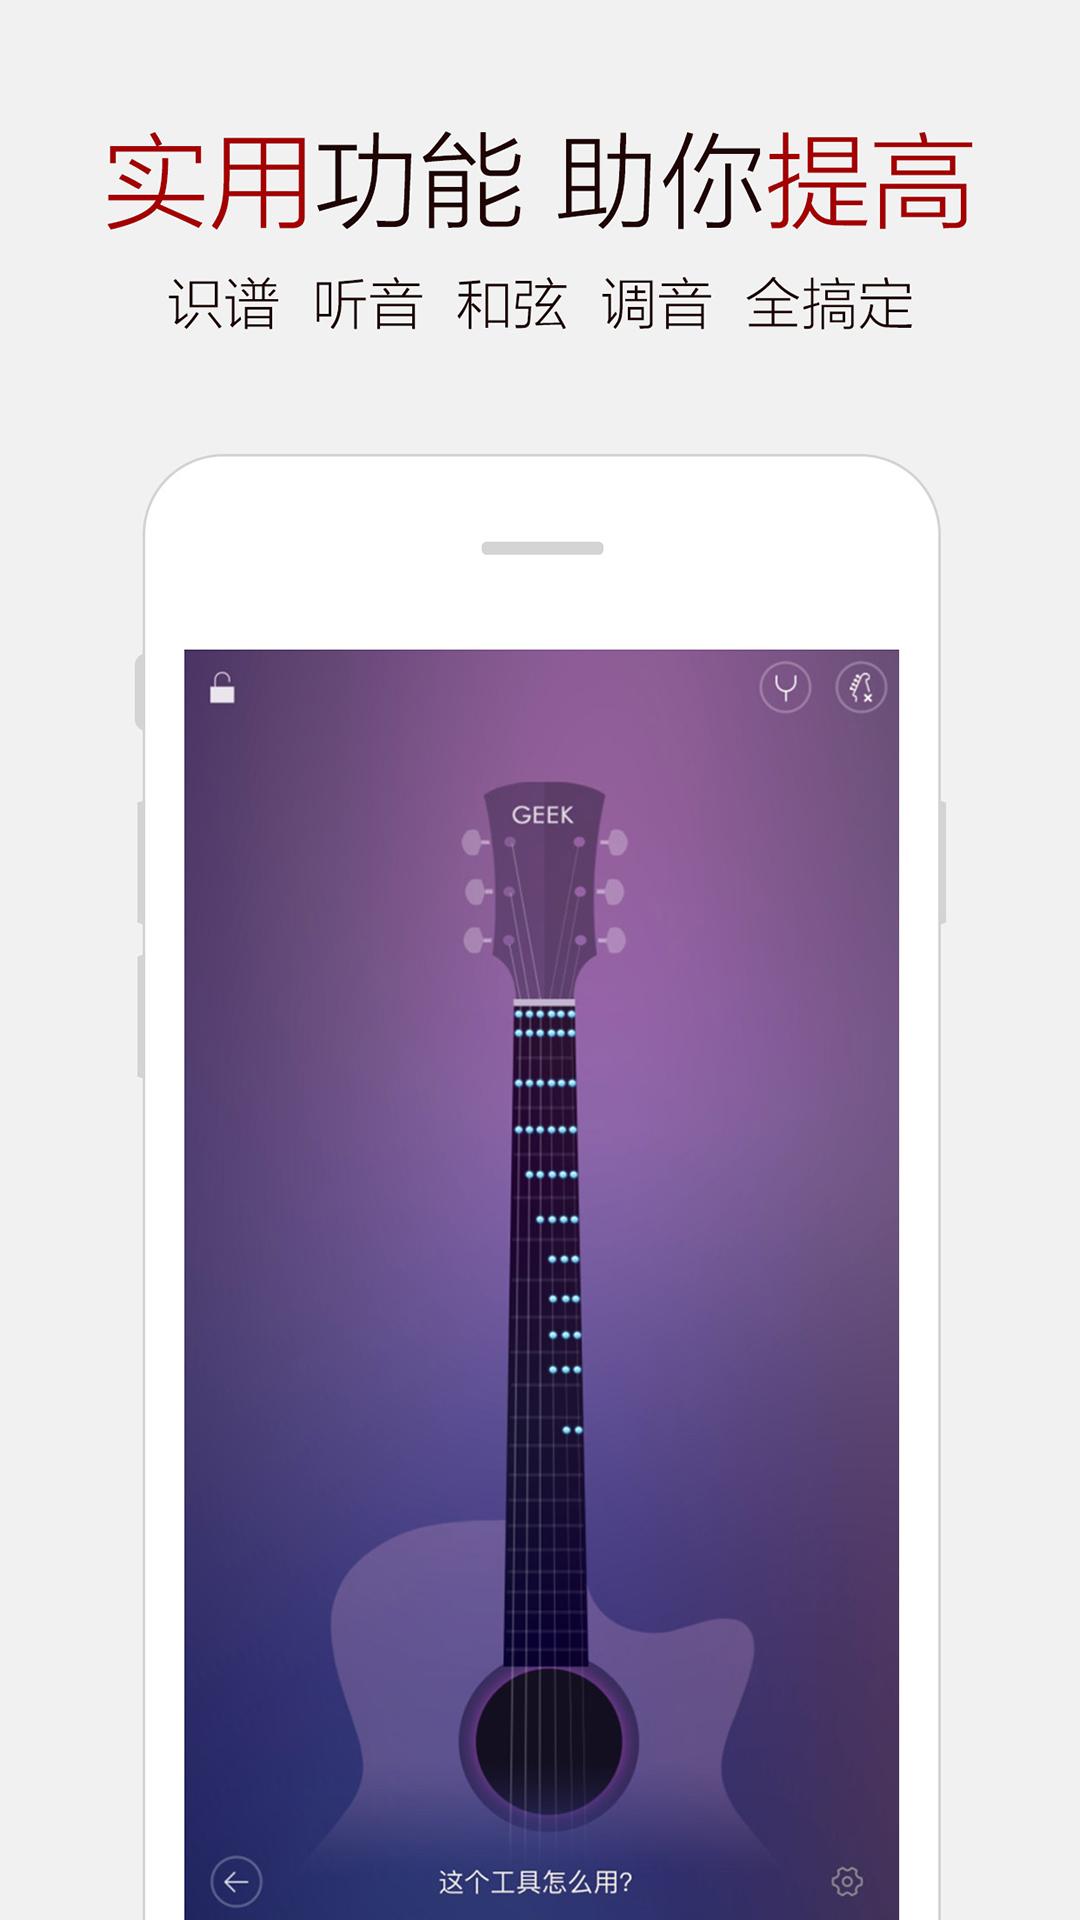 弹琴吧APP-弹琴吧下载-弹琴吧软件安卓版/苹果版/电脑版安装-飞翔软件库